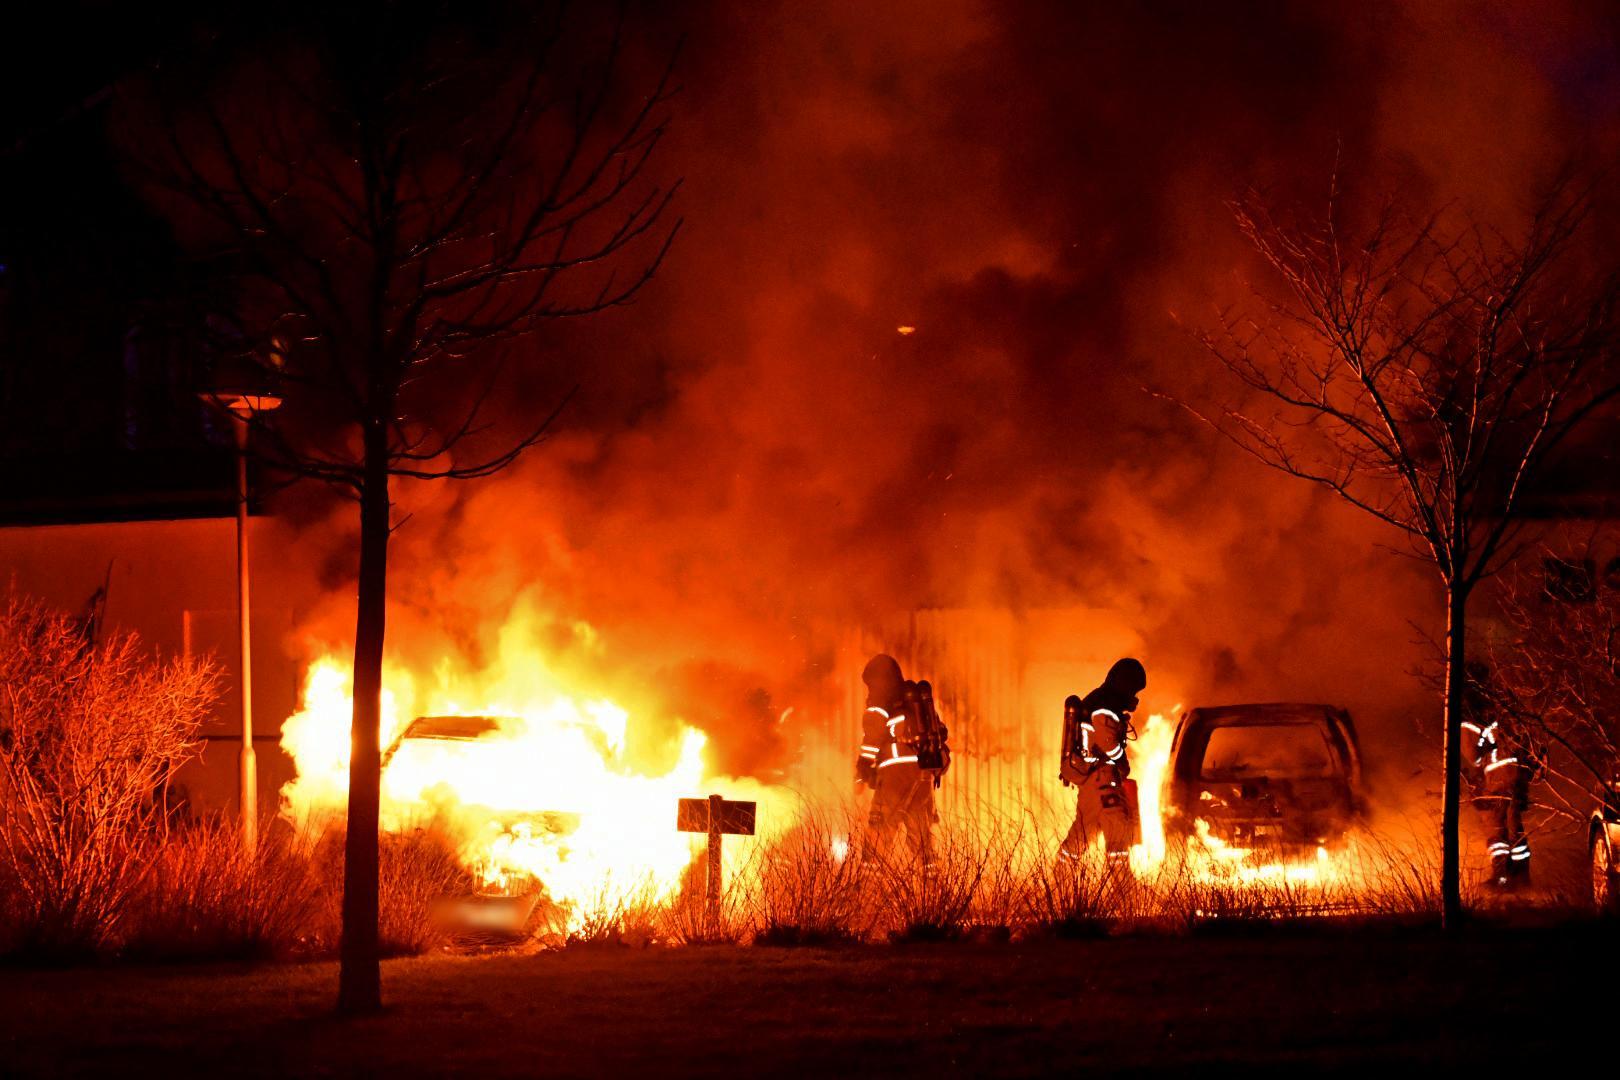 Flera räddningsenheter arbetade inatt med att släcka bilbränder kring Augustenborgs torg i Malmö.